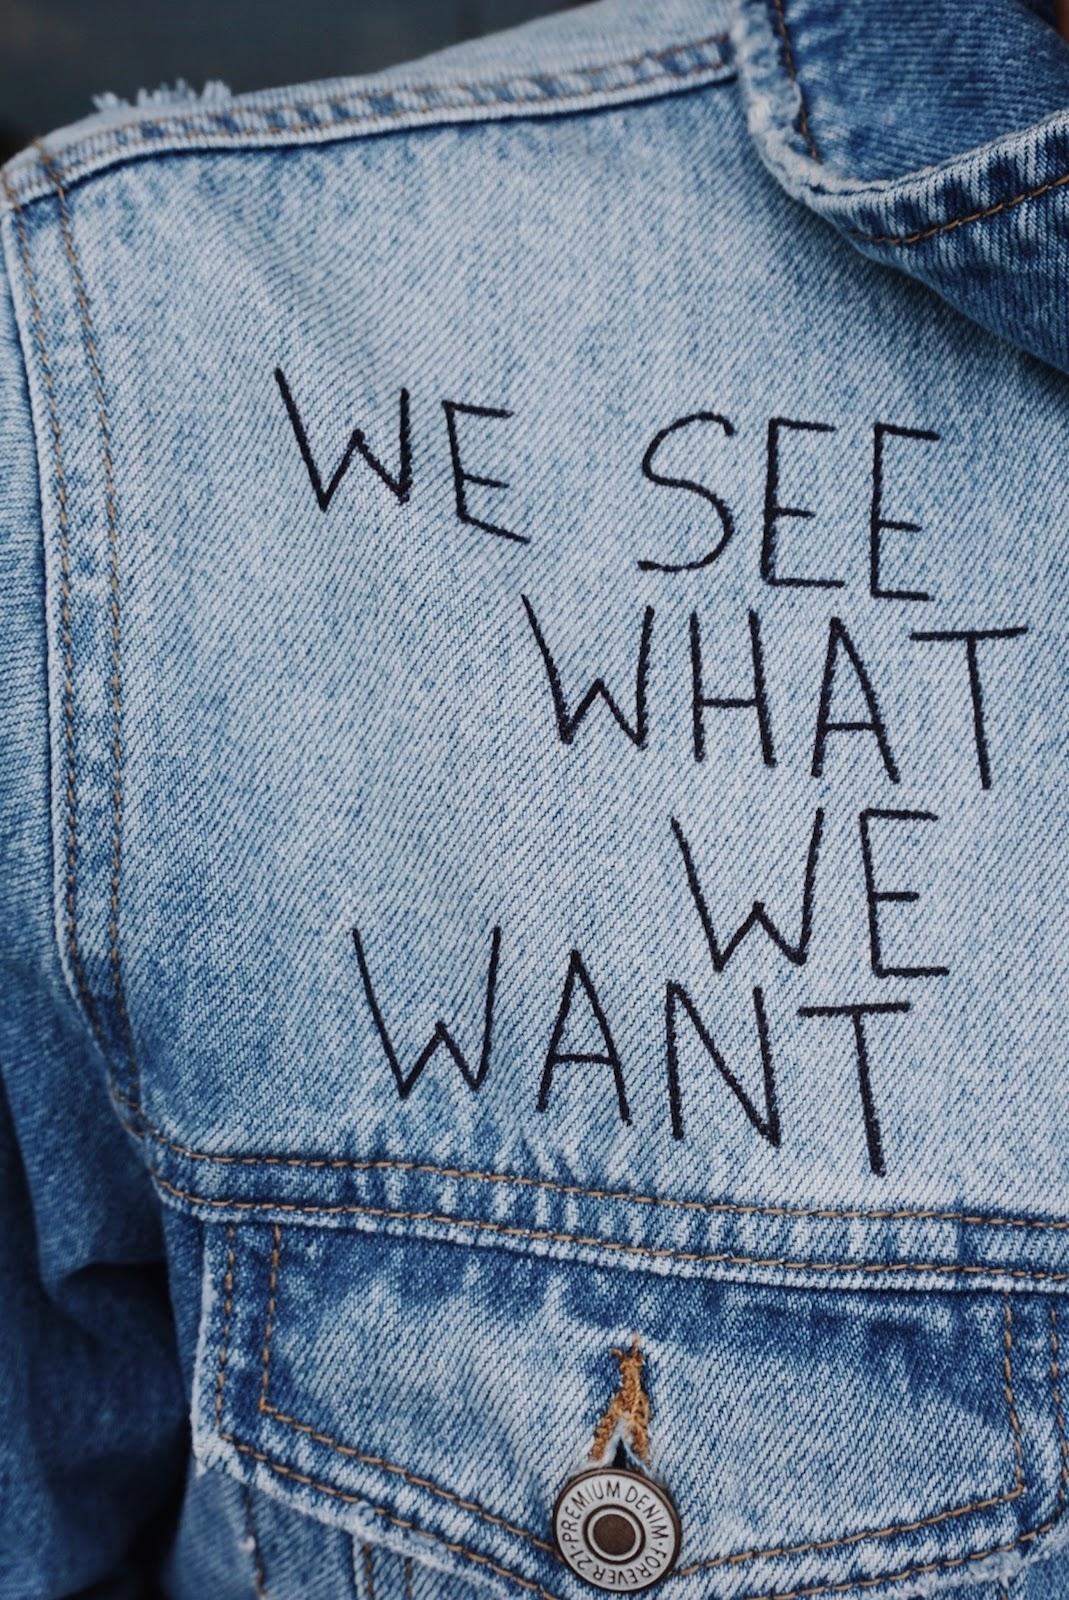 ג'קט ג'ינס עם כיתוב - אנחנו רואים מה שאנחנו רוצים